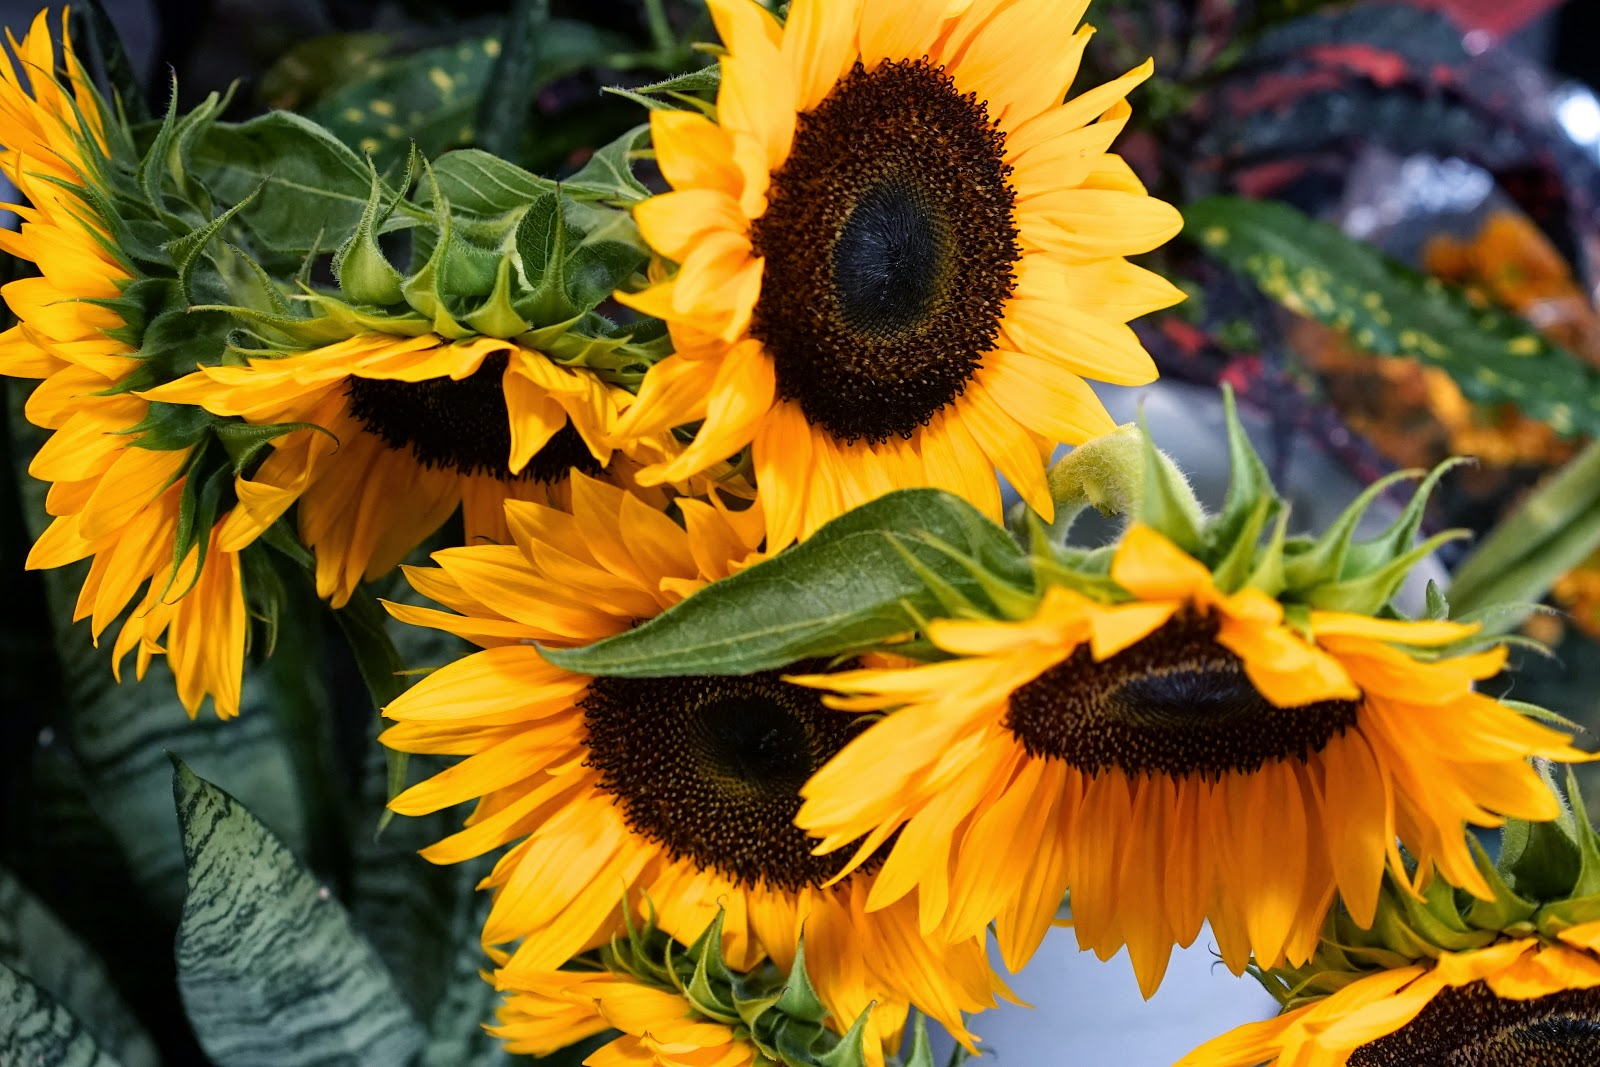 fresh sunflowers